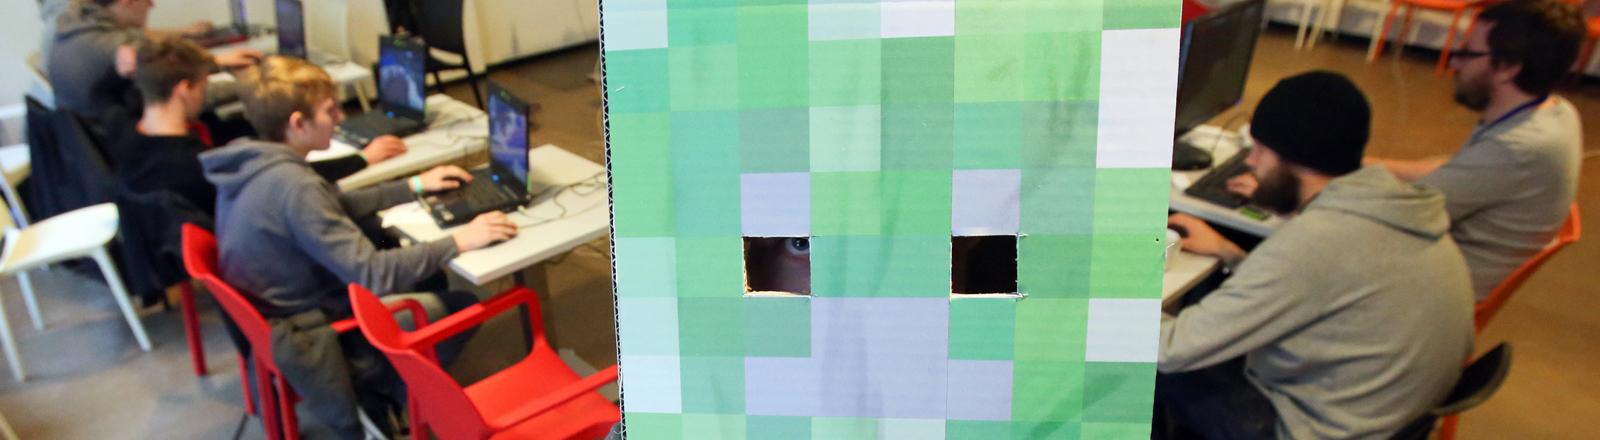 """Ein Teilnehmer des Computer-Festivals play13 posiert in Hamburg mit einem aus Pappe nachgebauten Würfel des Computerspiel """"Minecraft""""."""